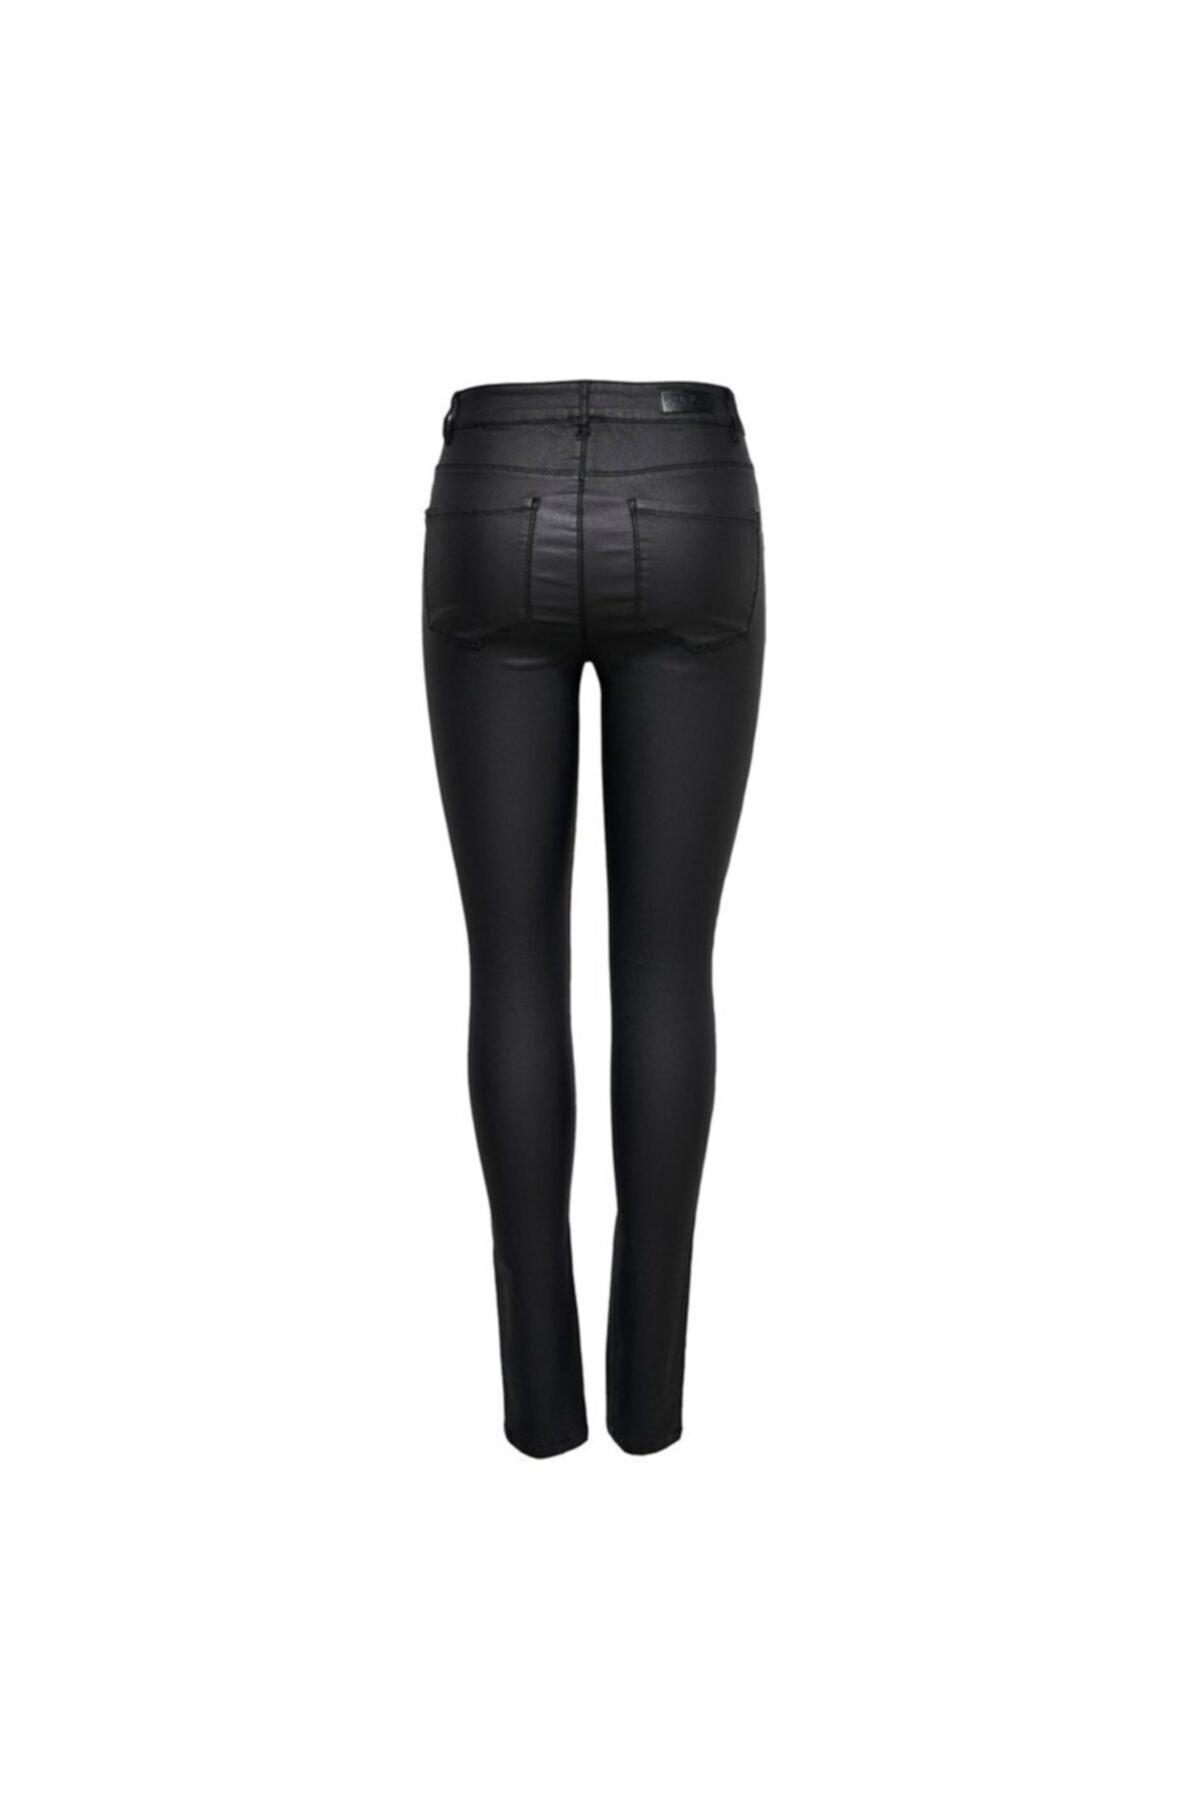 Only 15151791 Kadın Pantolon Sıyah 2